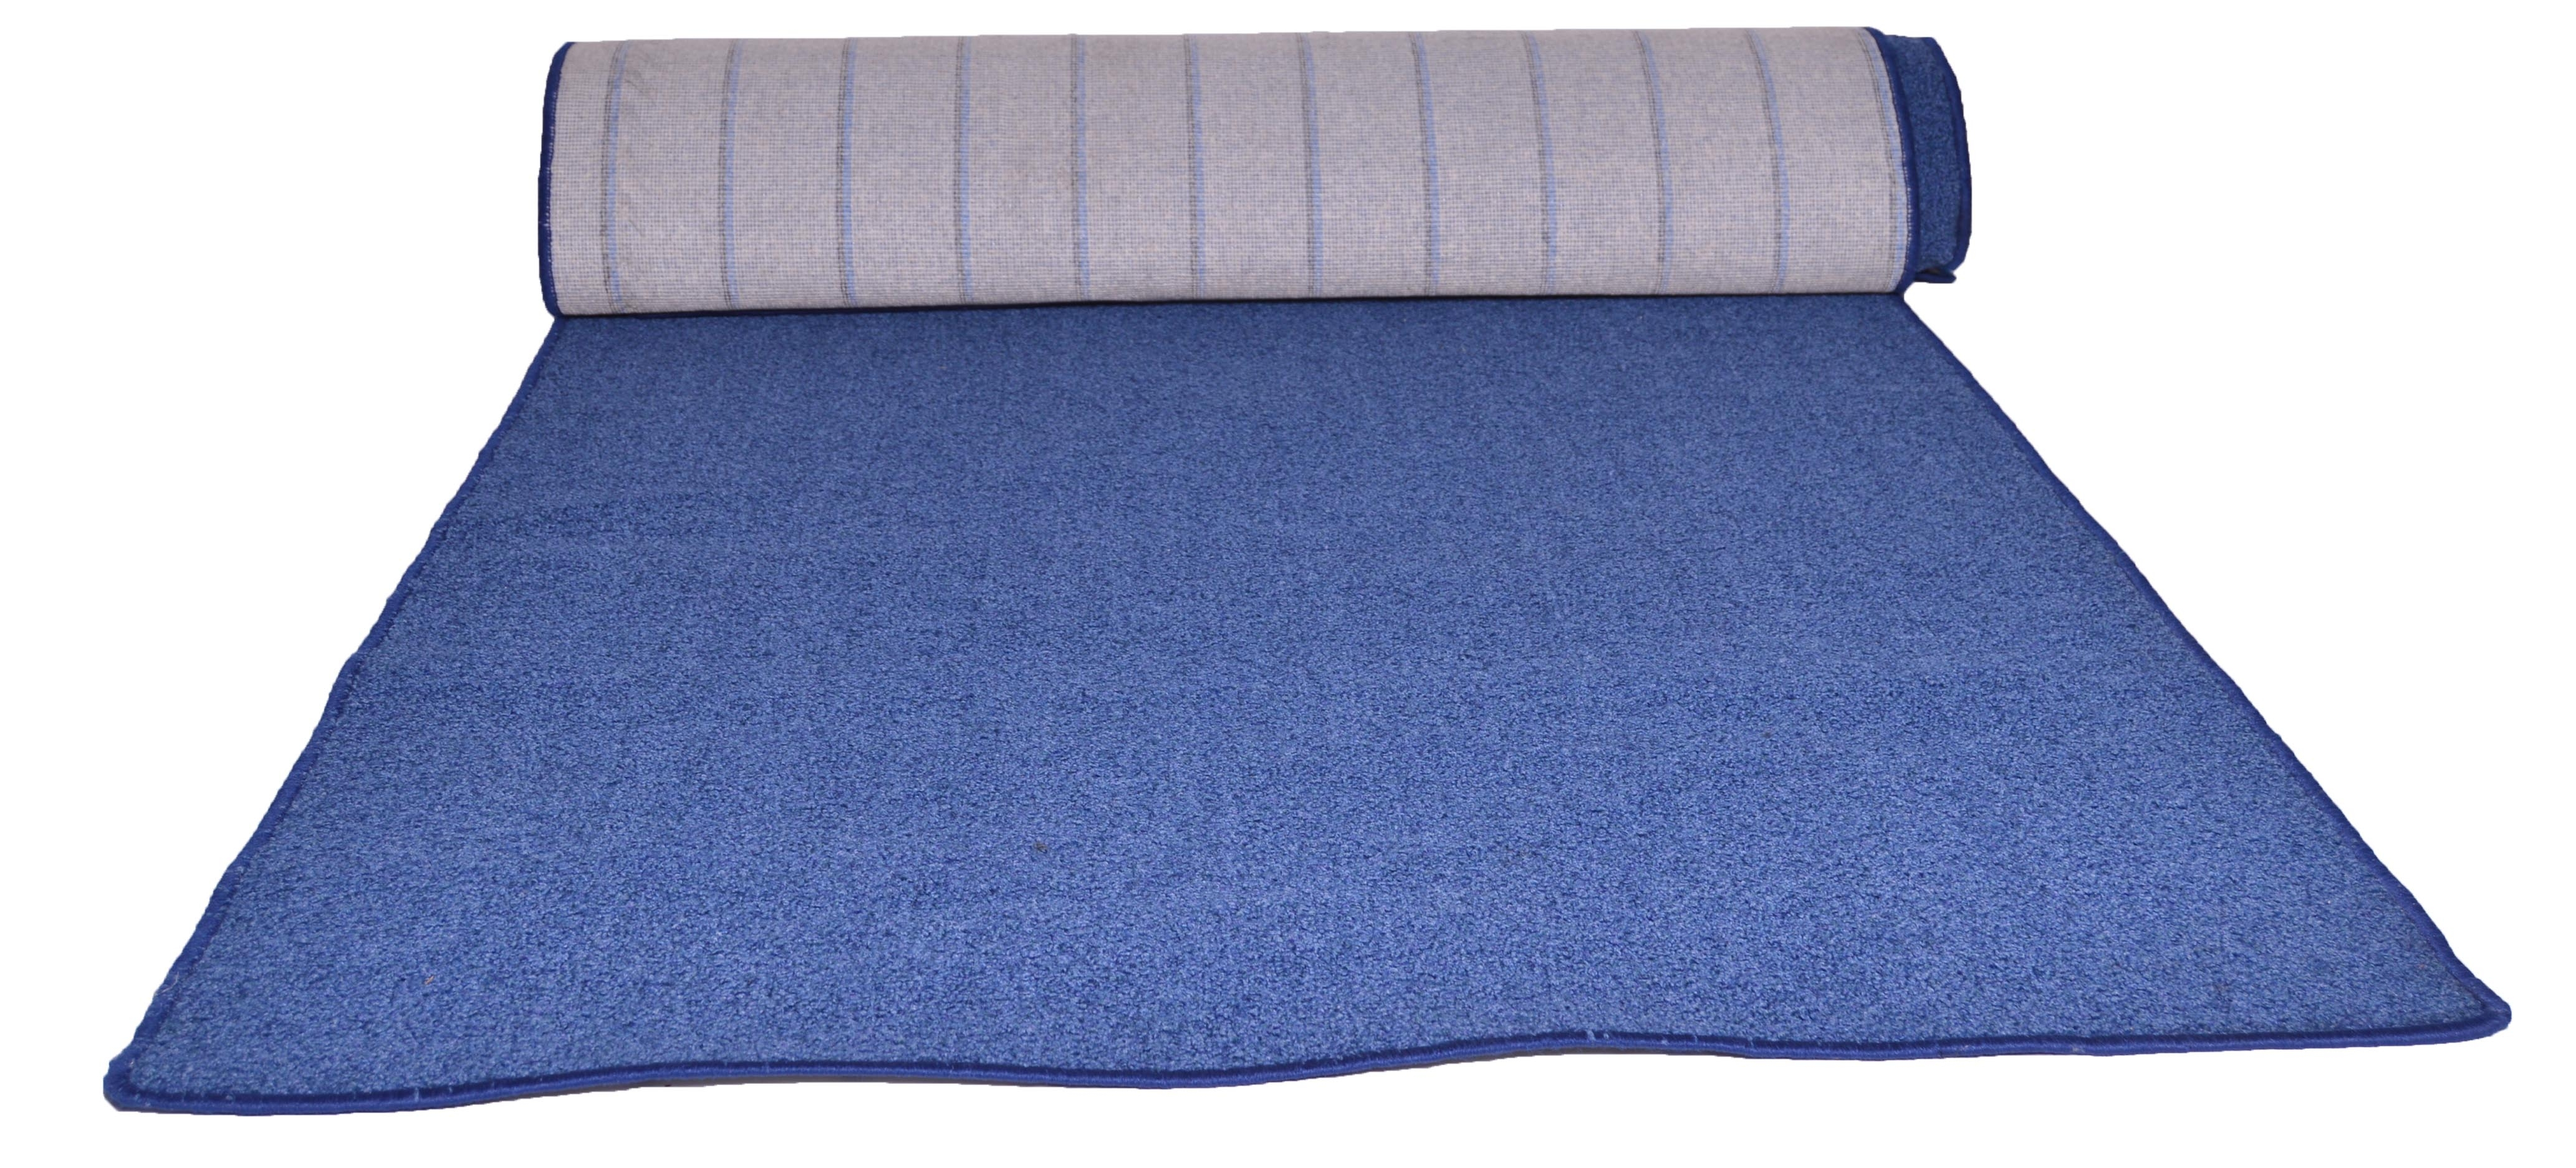 Blue Carpet Runner For Carpet Vidalondon In Blue Carpet Runners (Image 5 of 15)